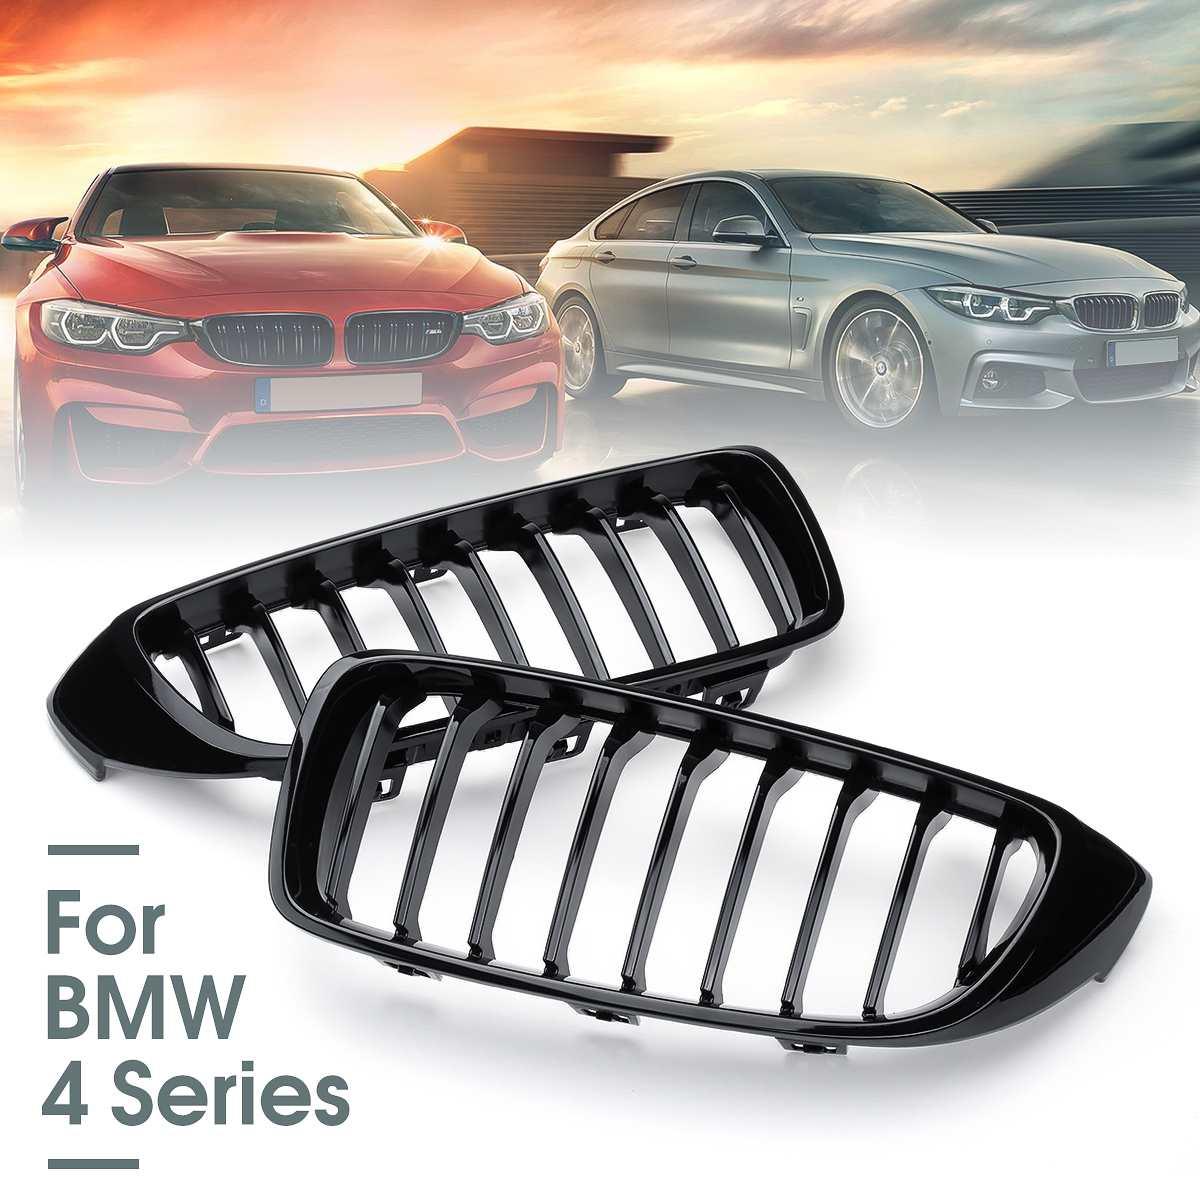 2 pièces brillant noir voiture calandre Grille maille filet garniture bande couverture pour BMW série 4 F32 F33 F36 F82 2013 up